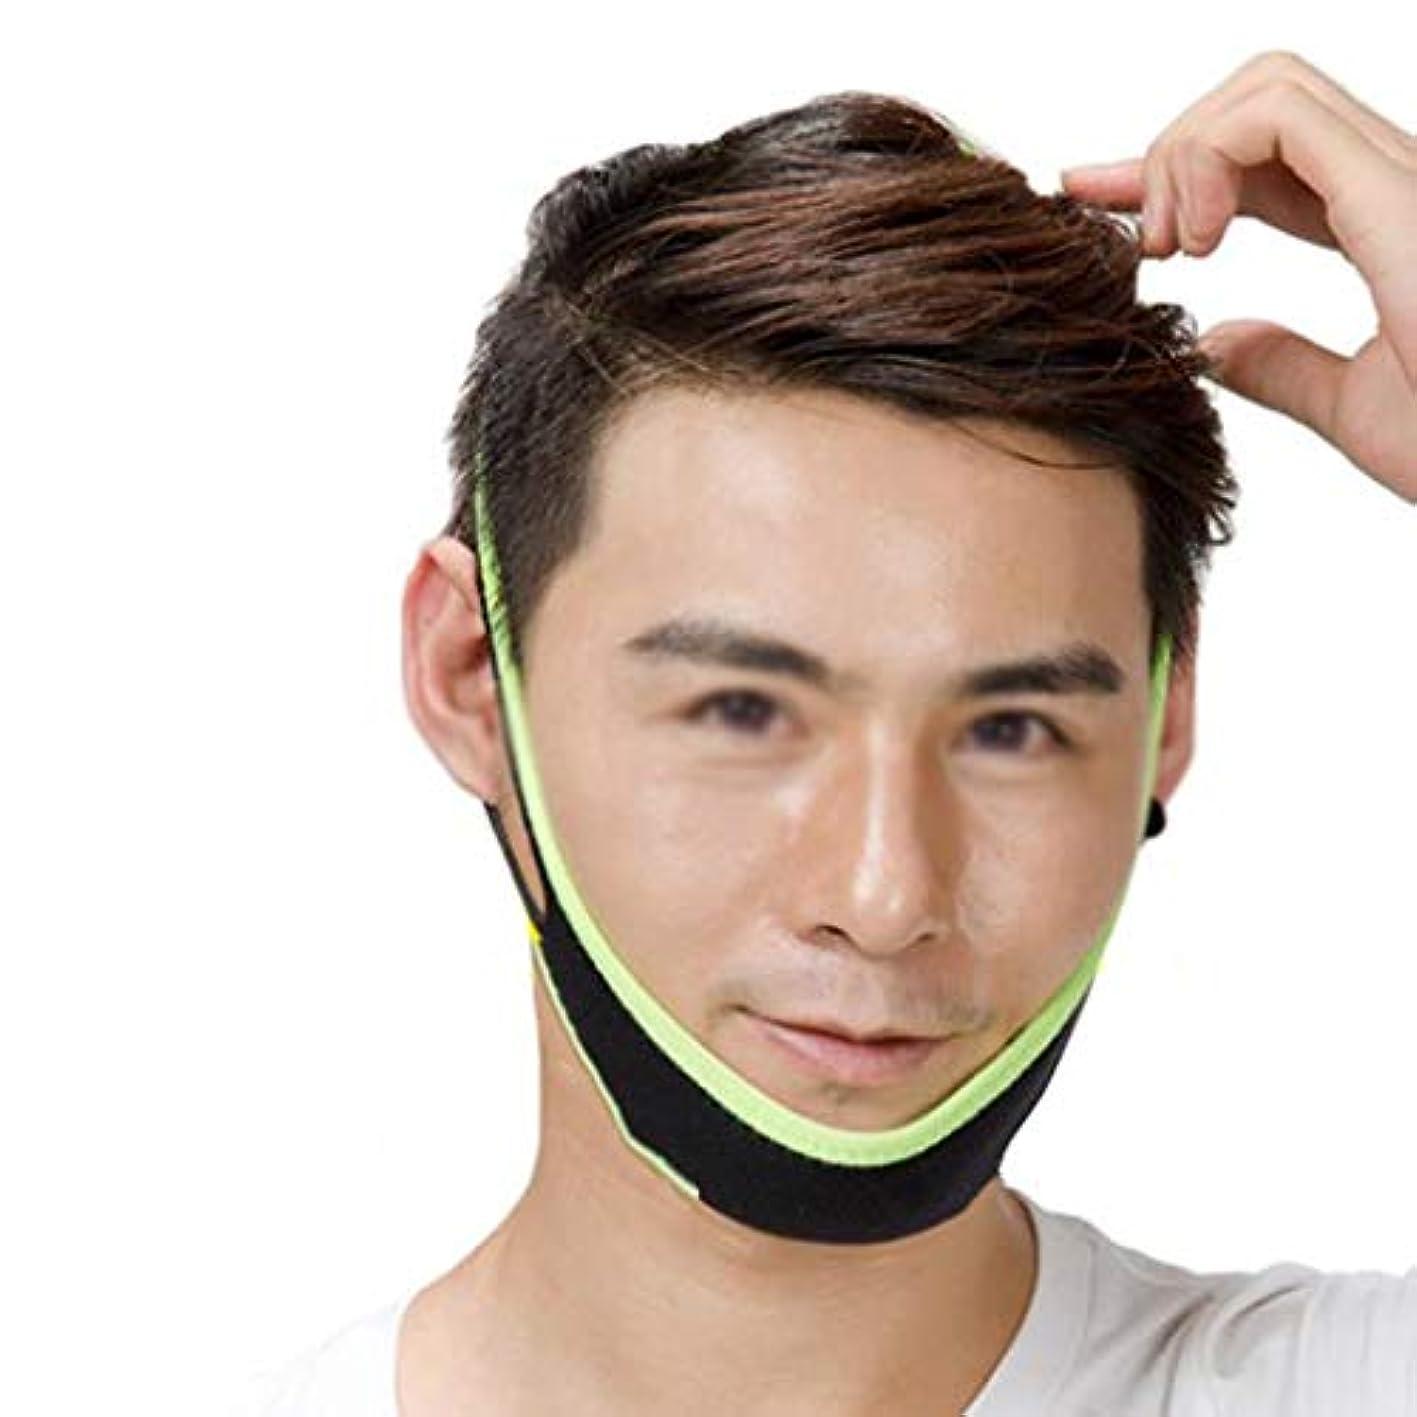 ディレクトリ悪性ながらZWBD フェイスマスク, マスクアーチファクトアーティファクトリフティングマッサージアーティファクト付き薄い顔の包帯メンズスペシャルスリープスモールVフェイス